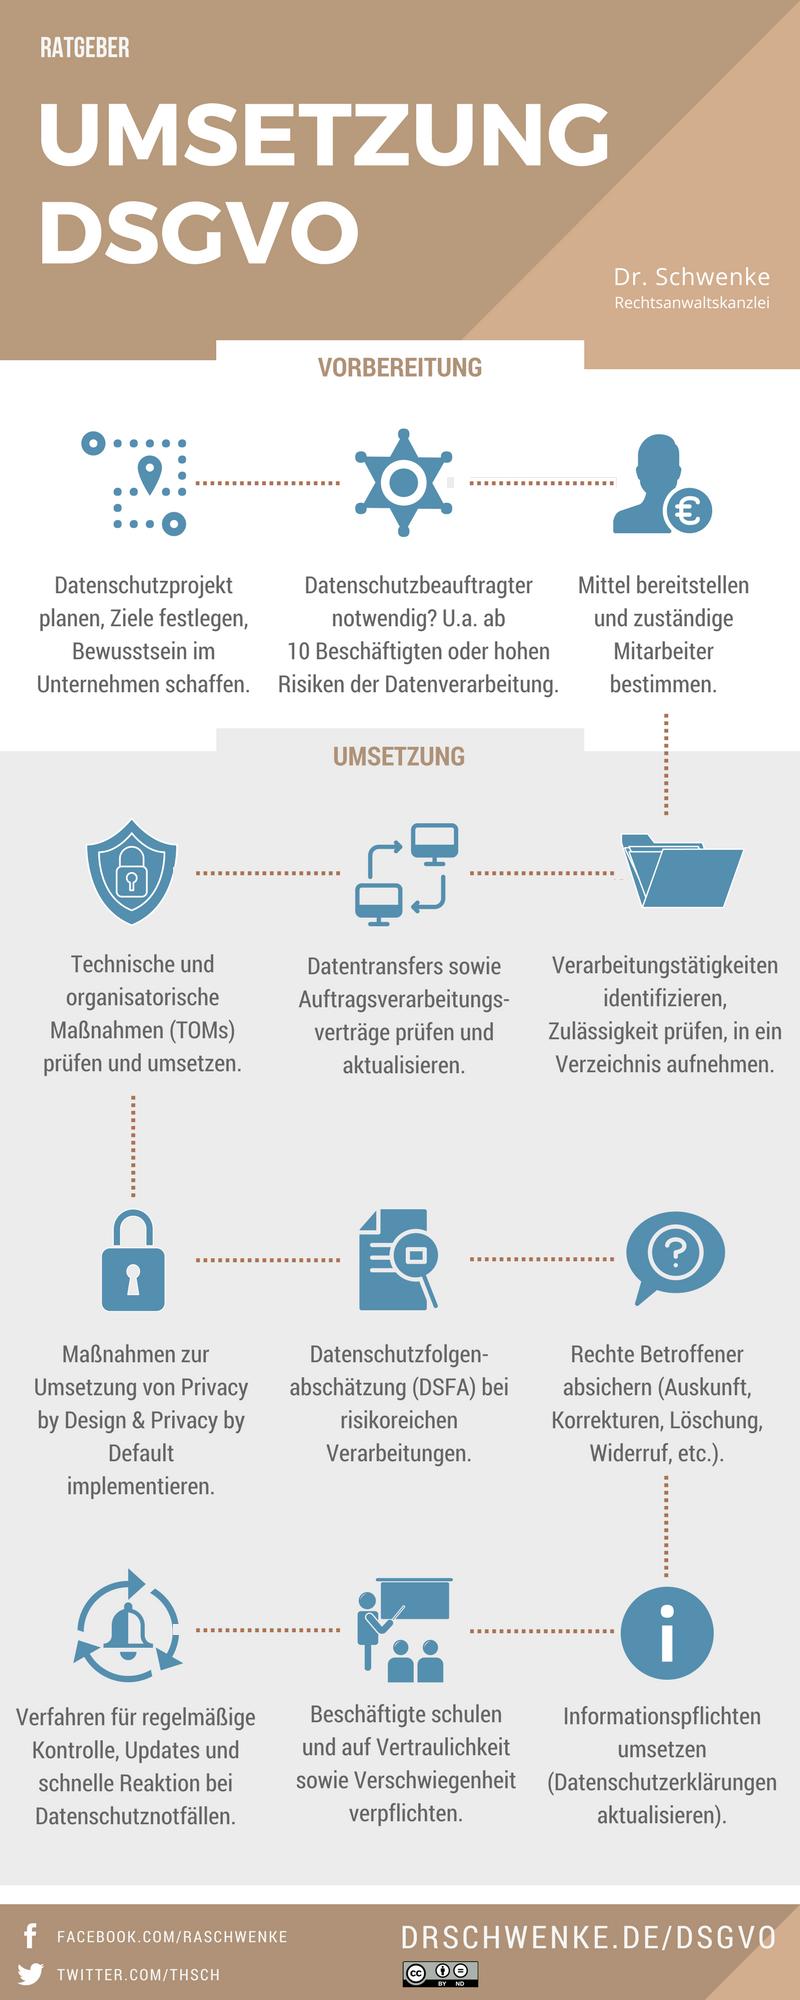 Infografik Dsgvo Umsetzung Dr Schwenke Dsgvo Dsgvo Infografik Unternehmungen